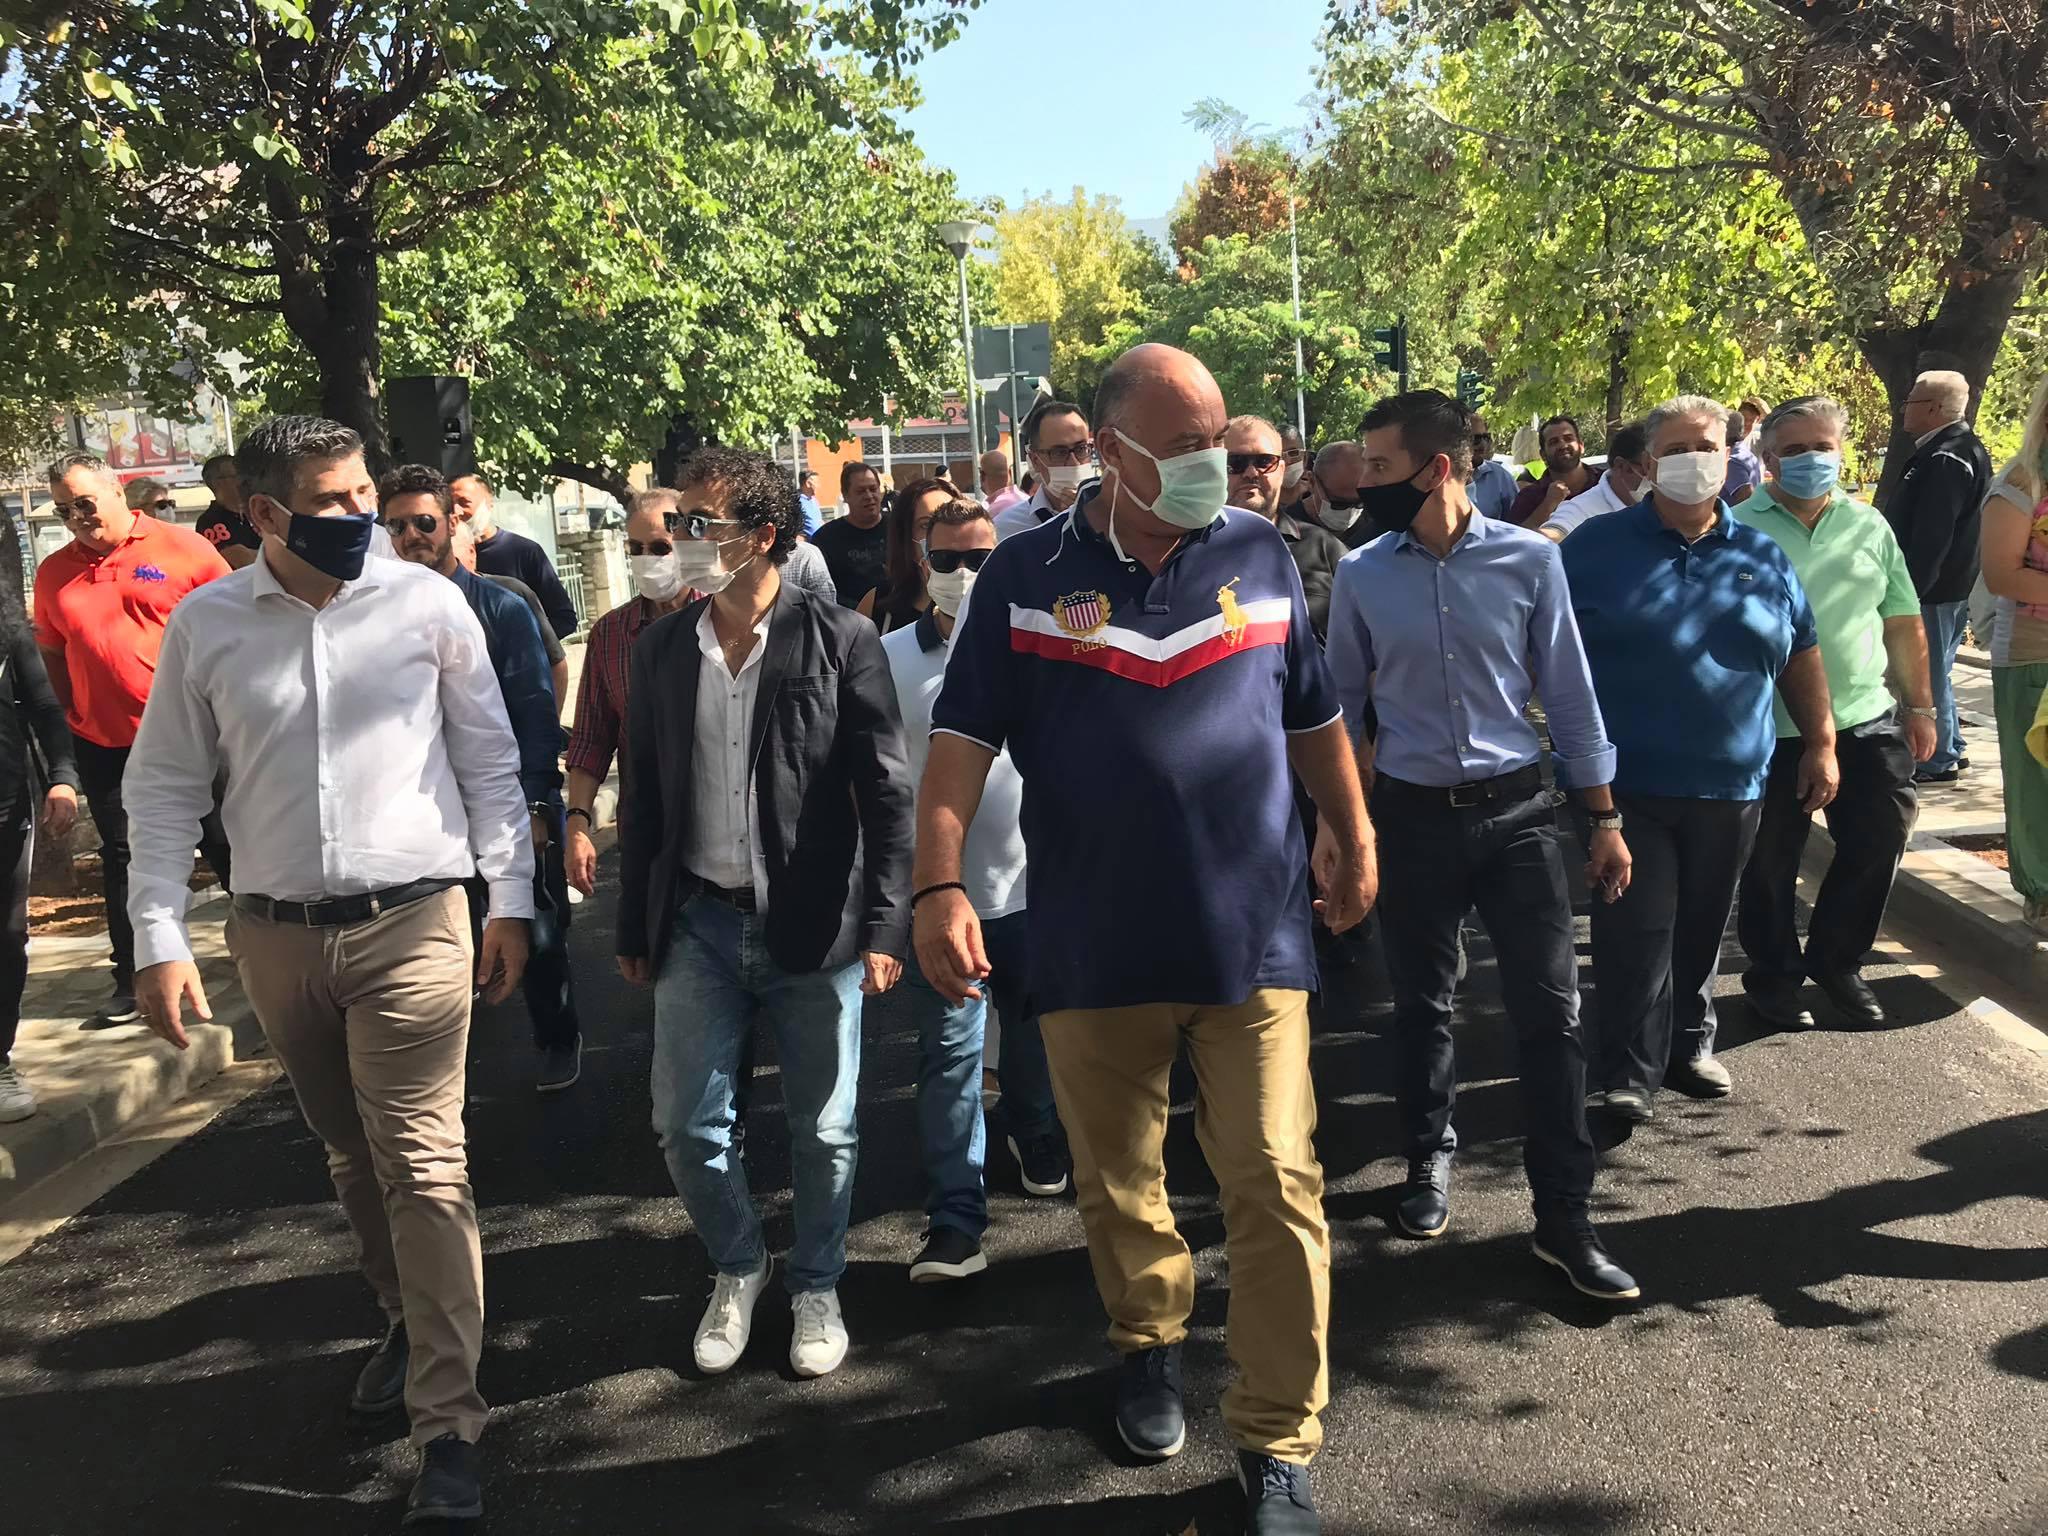 Βόλος: Είδαν τον Αχιλλέα Μπέο να πλησιάζει και ξεκίνησαν τα κλαρίνα! Νέα ατάκα για το Μονακό (Βίντεο)